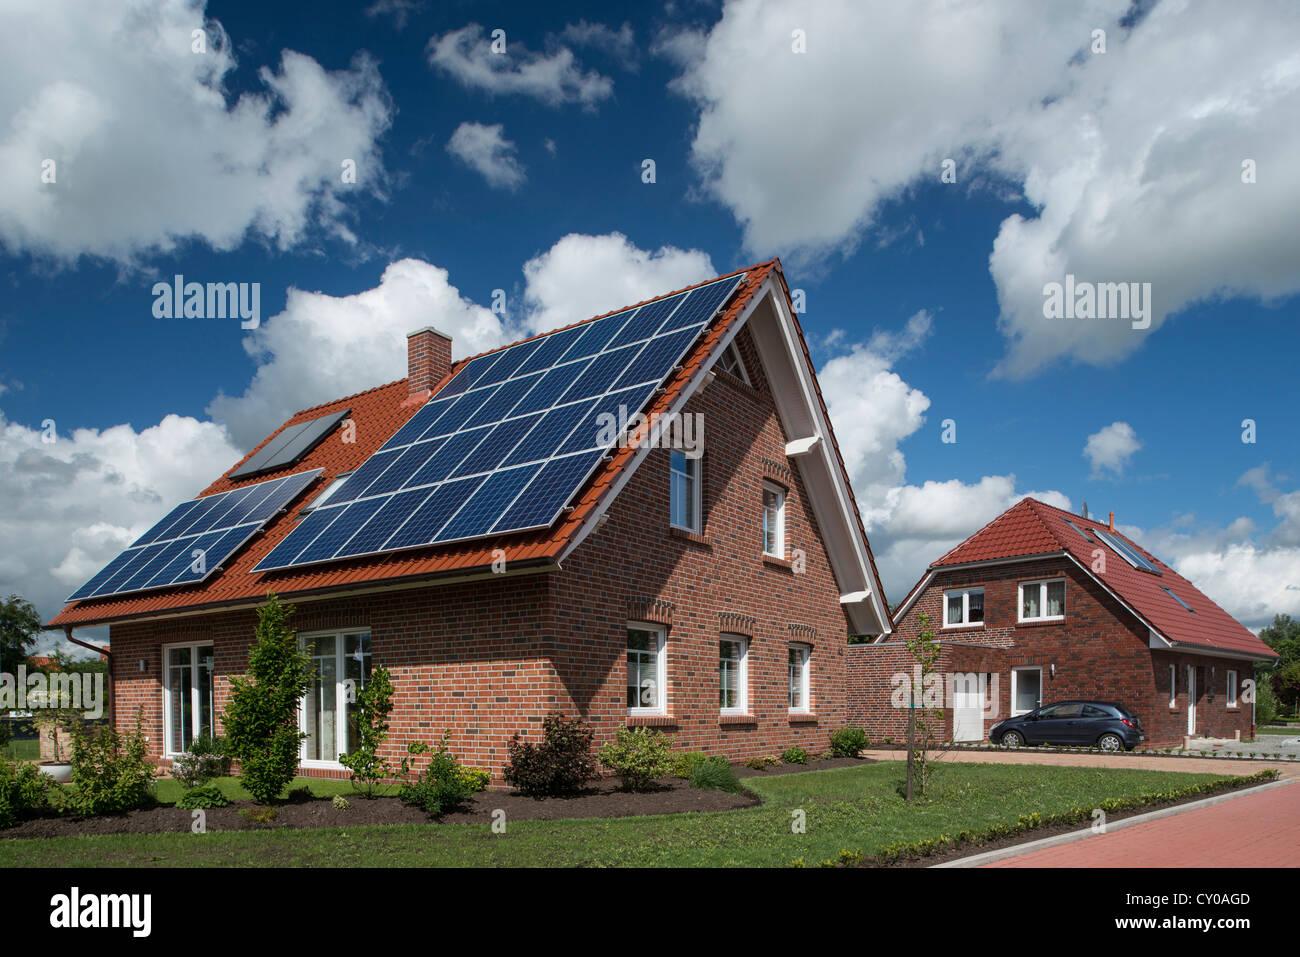 El desarrollo de viviendas, casa con multi-familia y sistema de agua caliente solar en el techo, el calor solar, Imagen De Stock